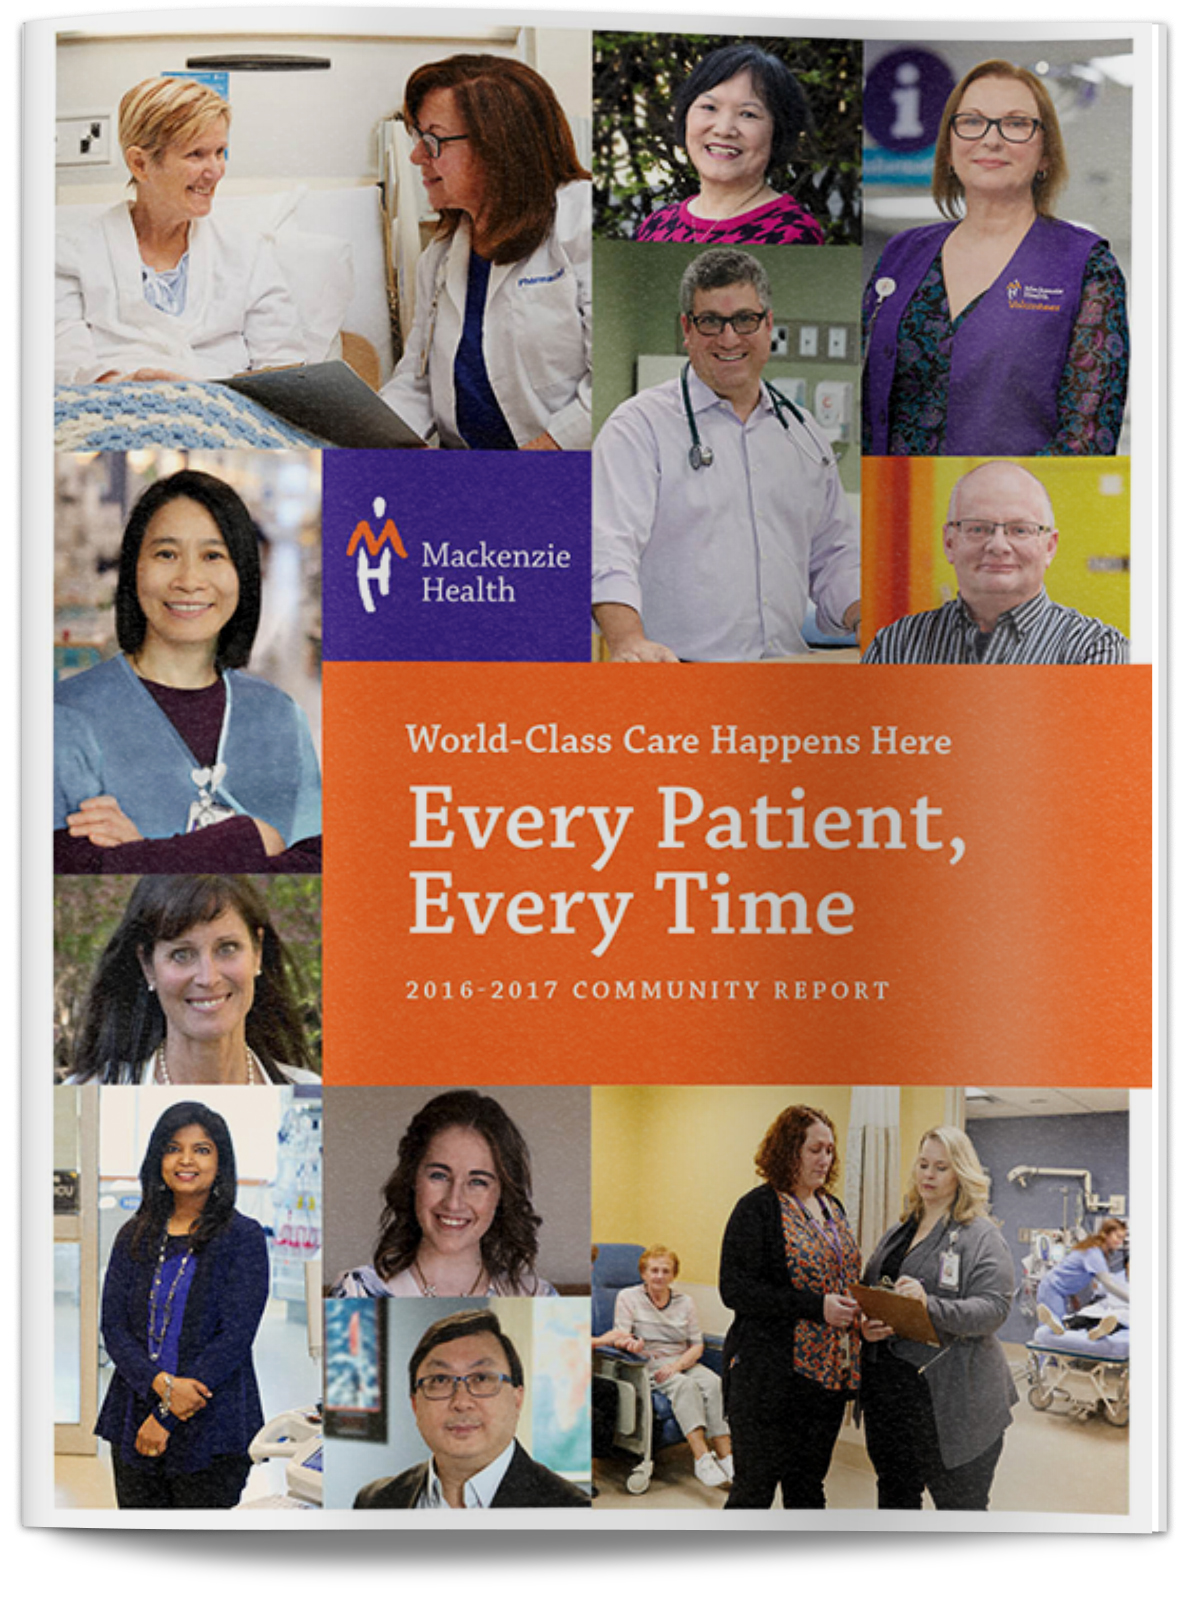 Mackenzie Health 2016-17 community report